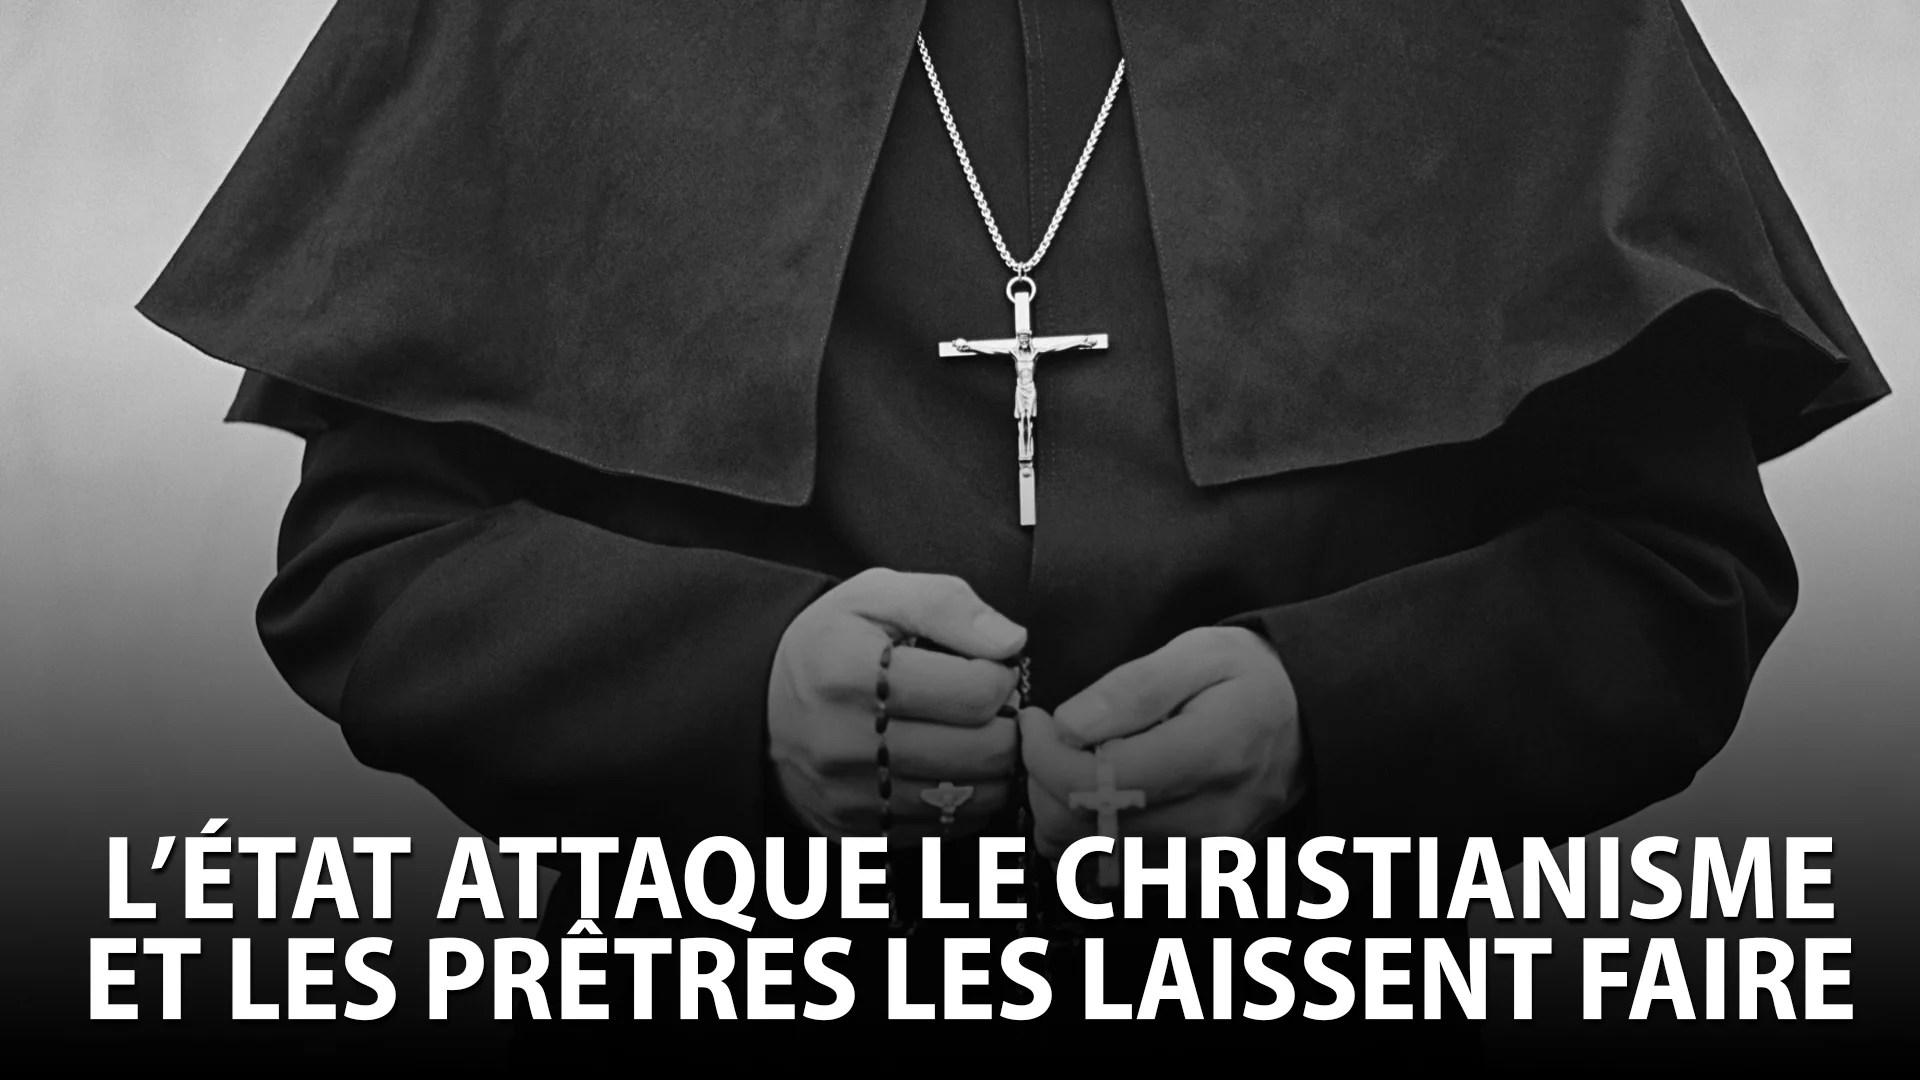 L'ÉTAT ATTAQUE LE CHRISTIANISME ET LES PRÊTRES LES LAISSENT FAIRE